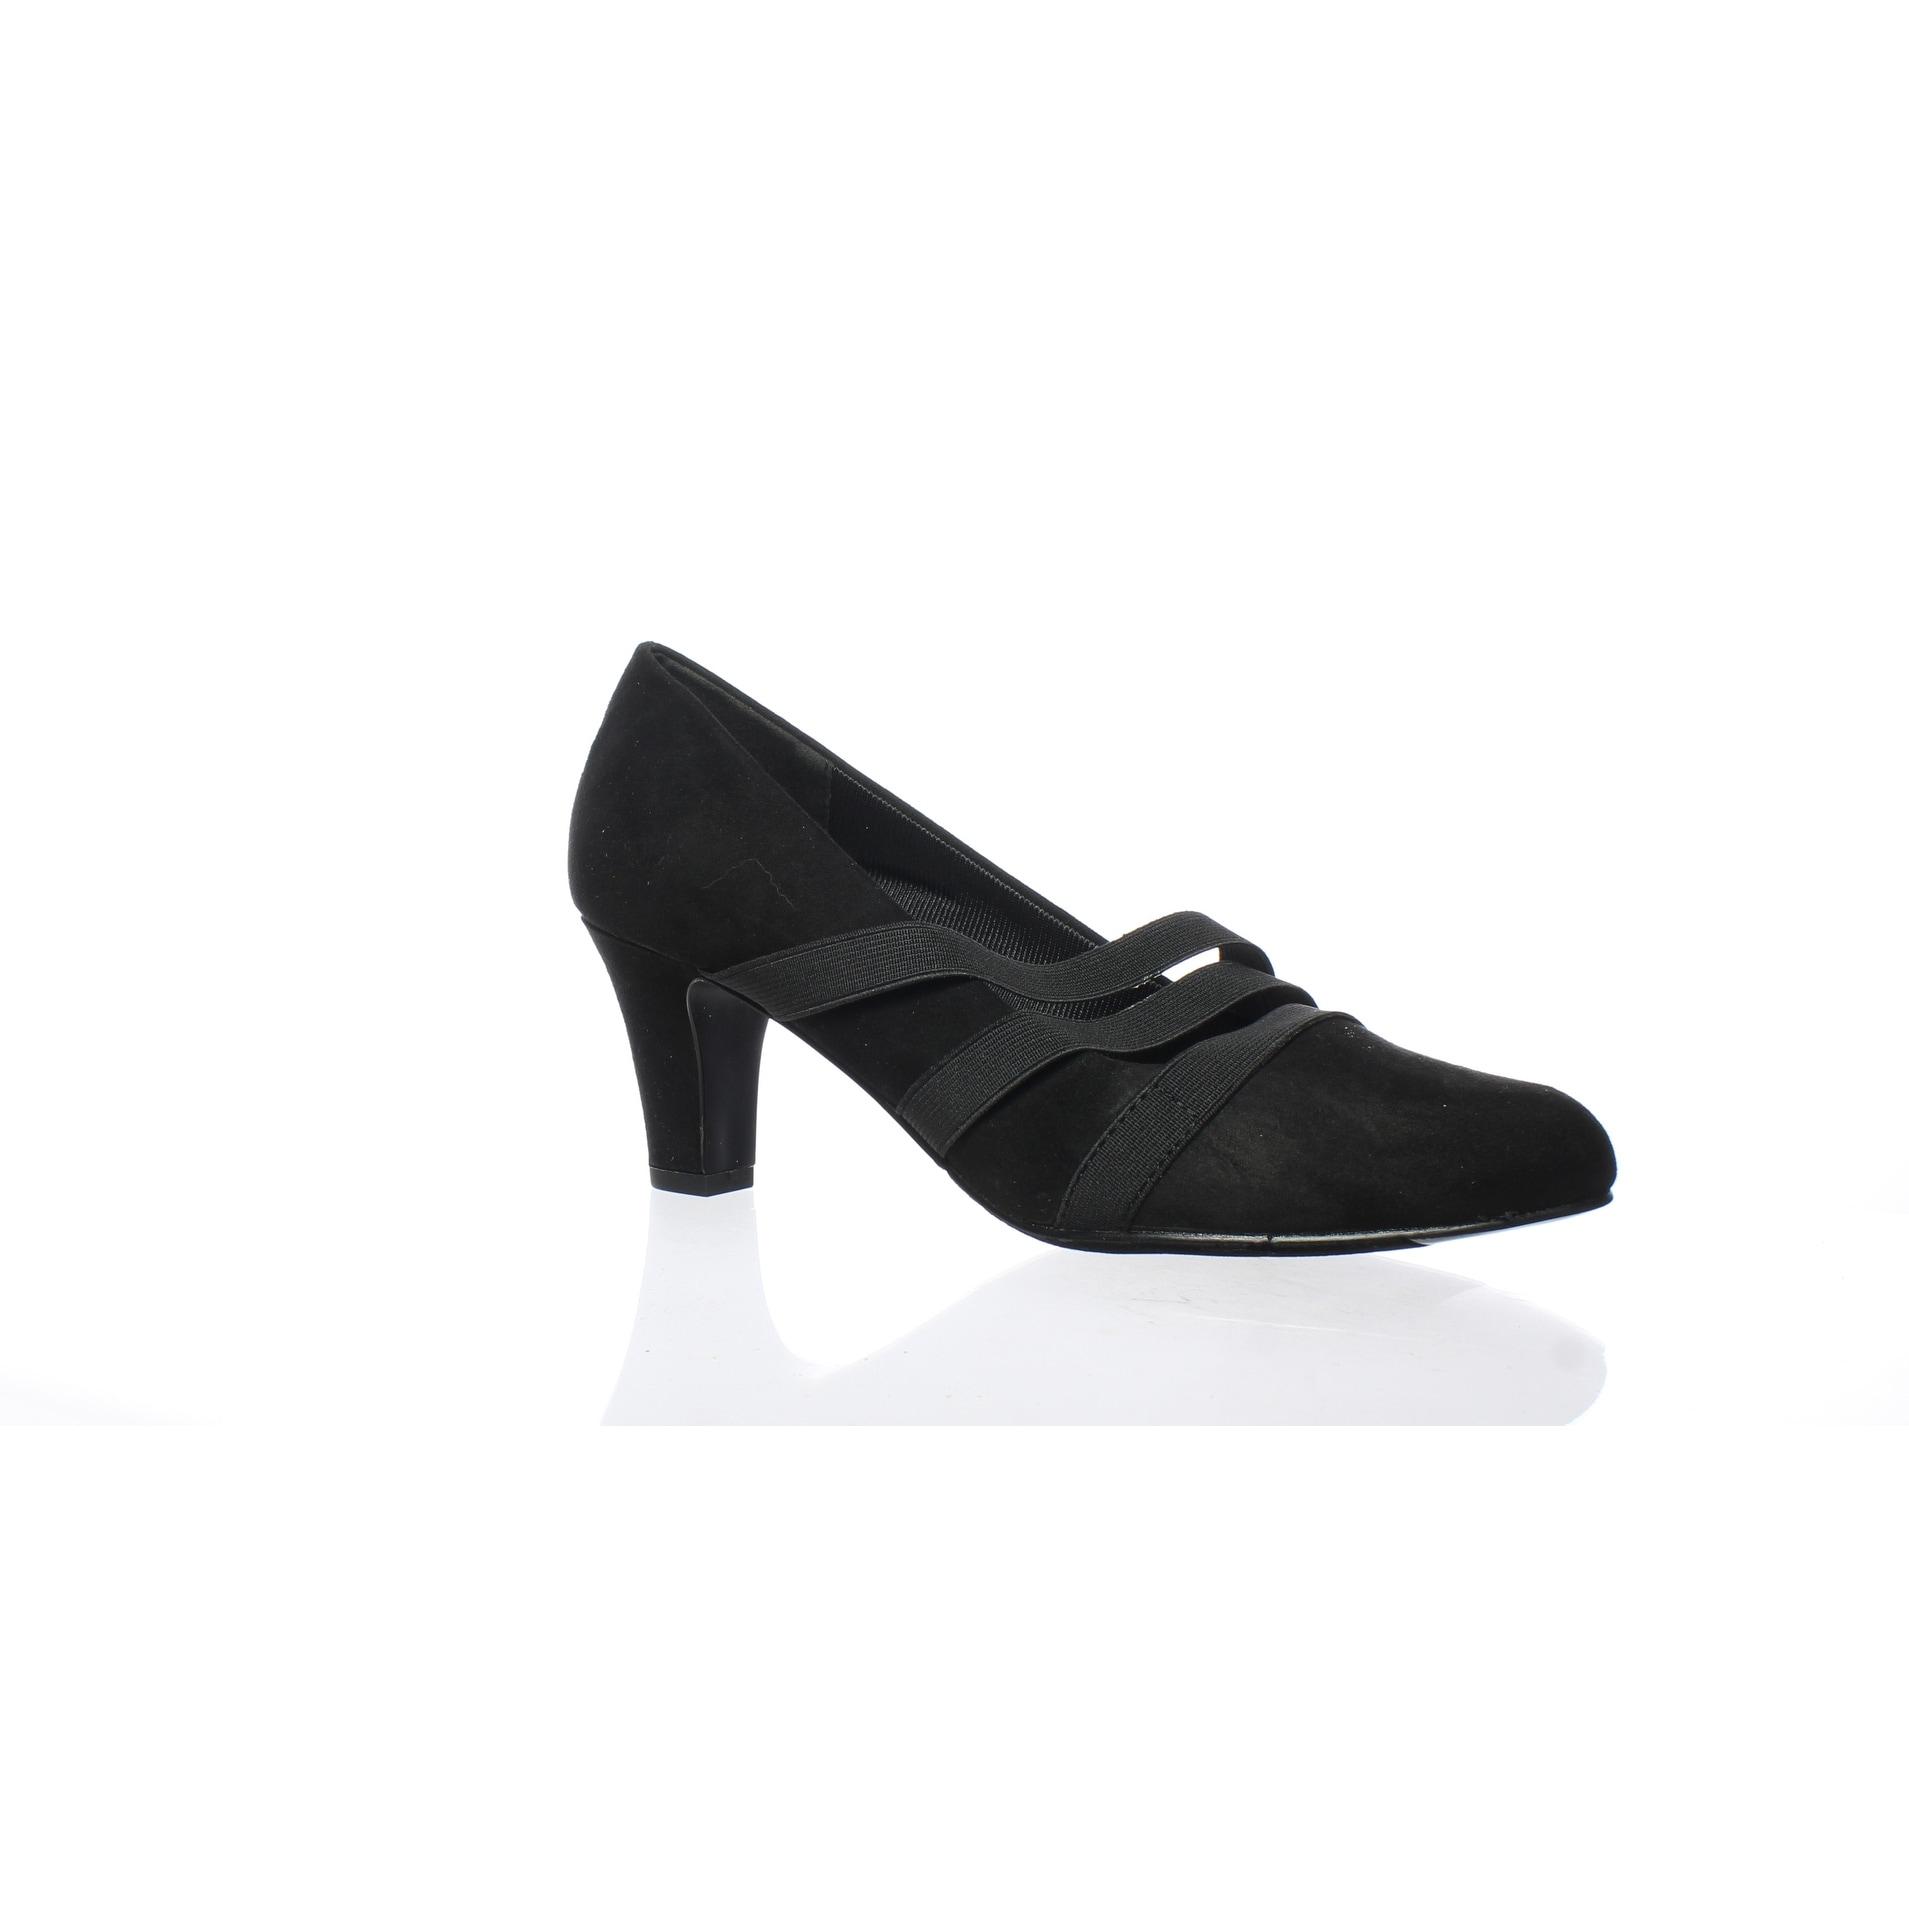 5c7810dd8c23 Buy Easy Spirit Women s Heels Online at Overstock